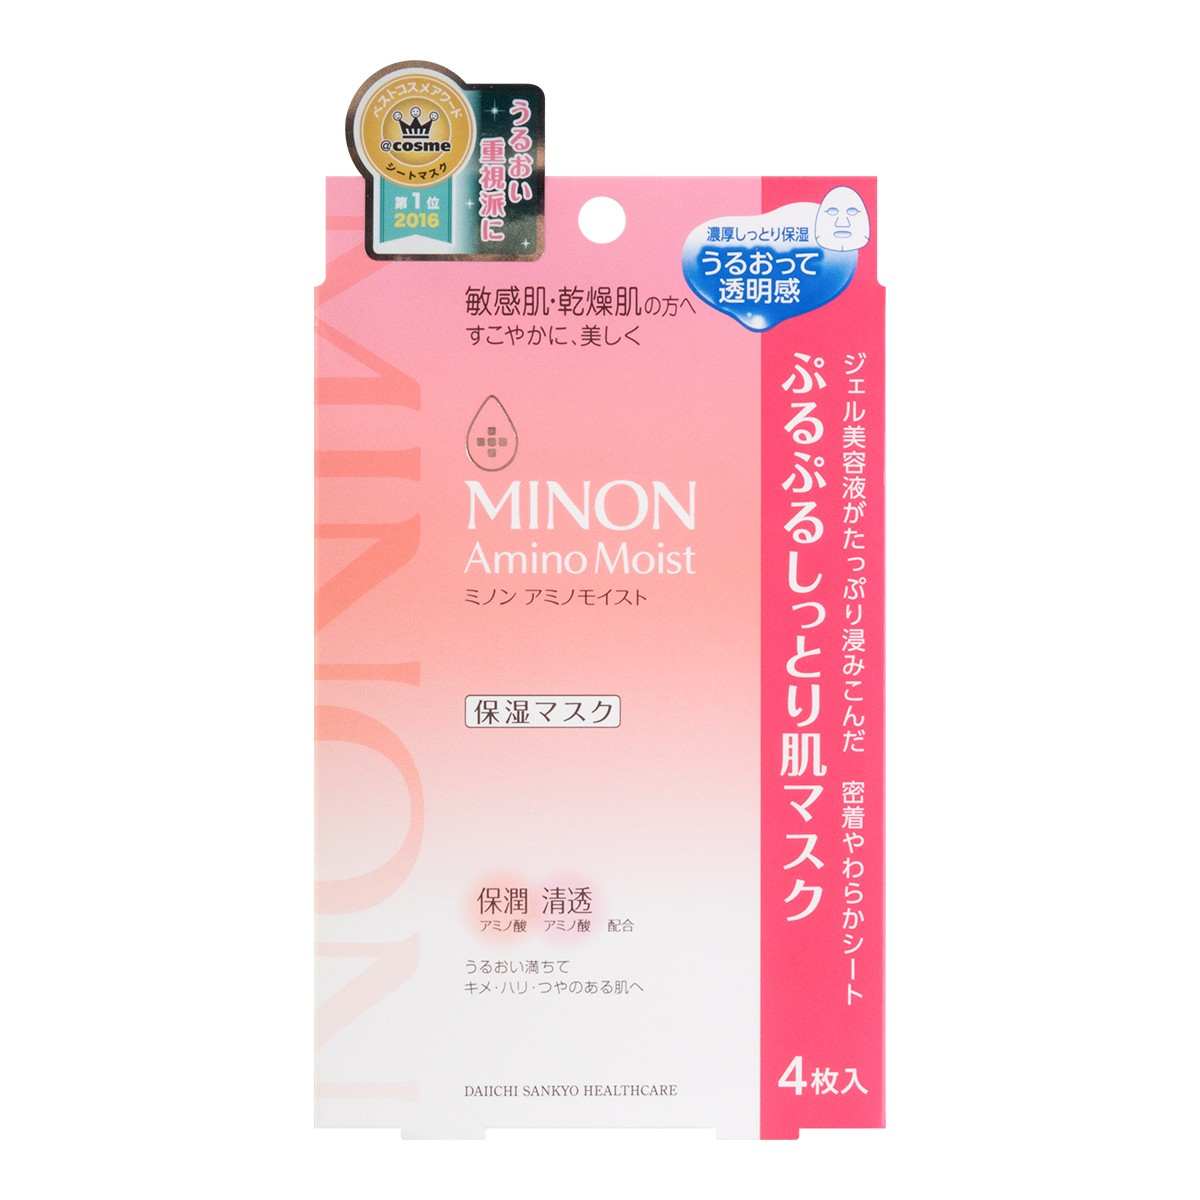 日本第一三共 MINON氨基酸保湿面膜 敏感肌用 4片入 COSME大赏第一位